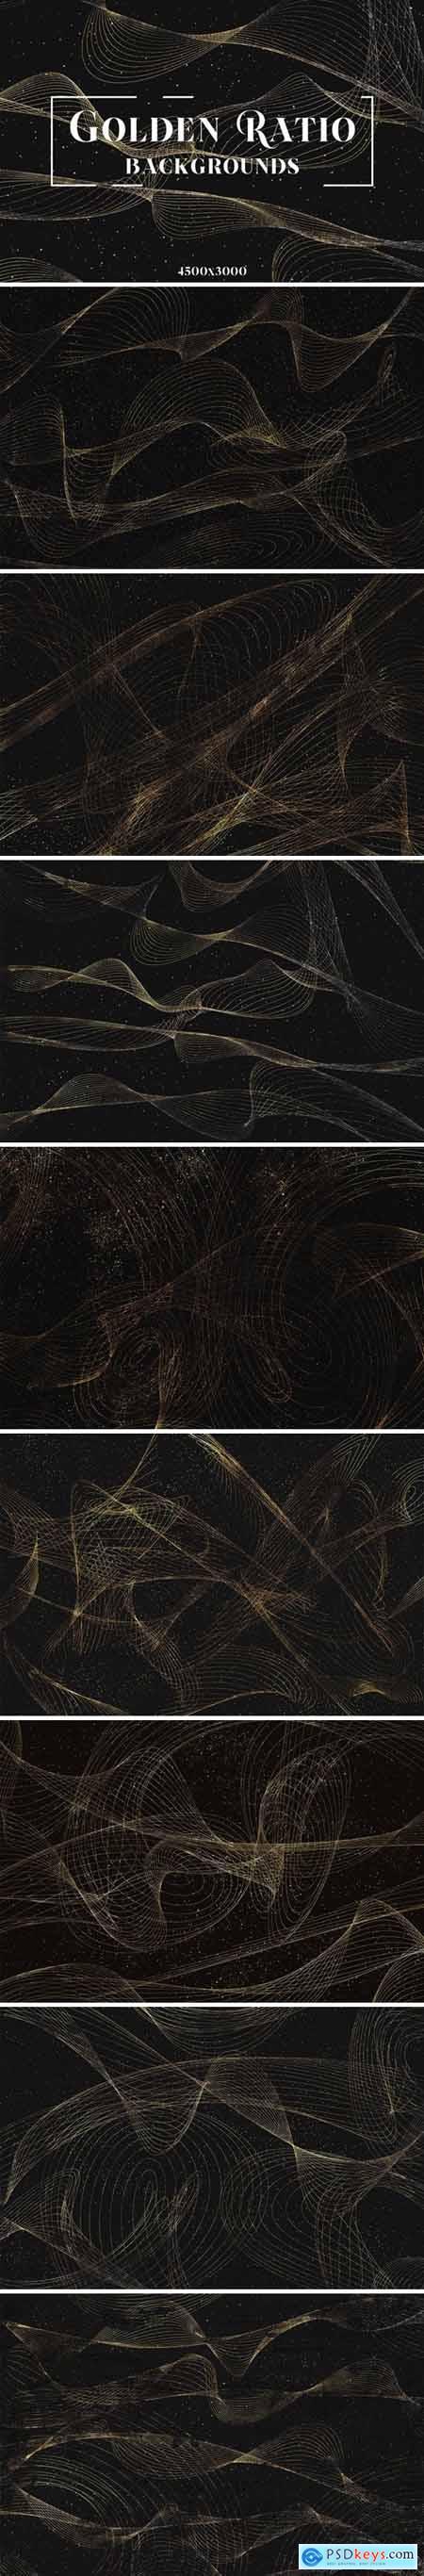 Golden Ratio Backgrounds